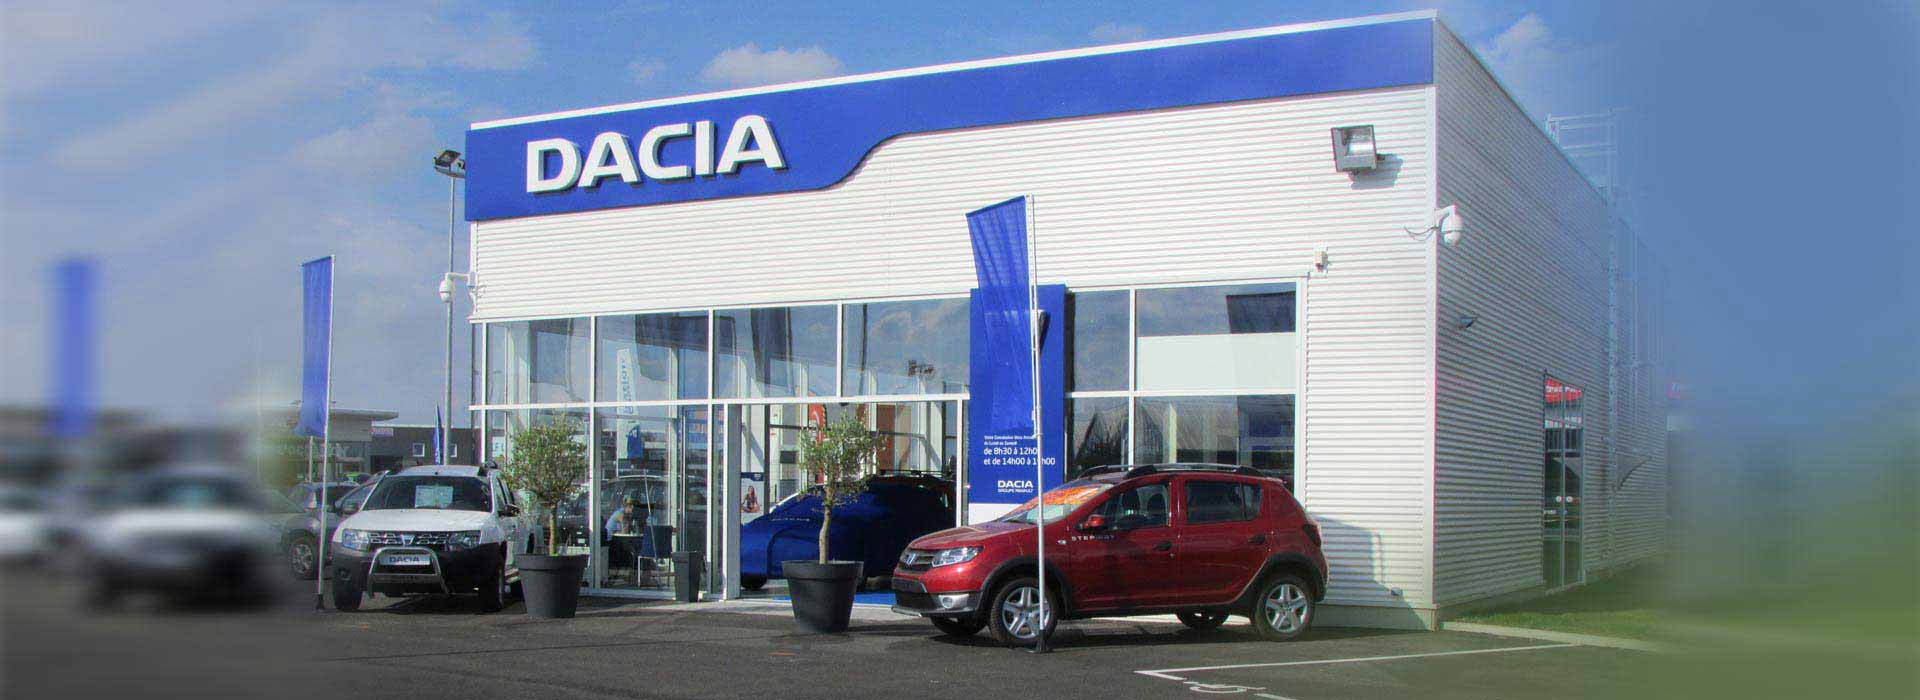 Dacia Arras